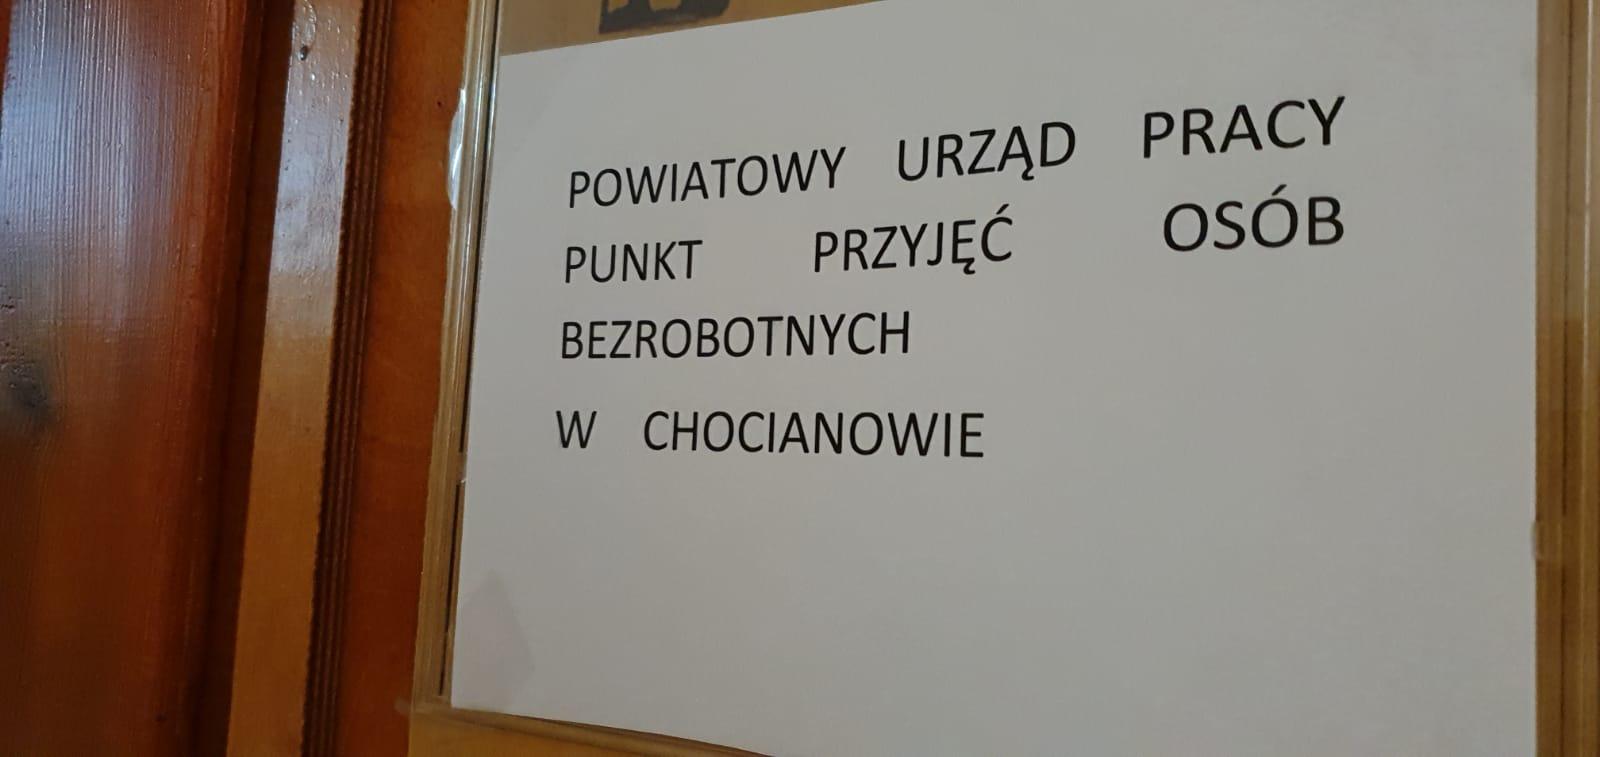 Zmiana lokalizacji Urzędu Pracy w Chocianowie